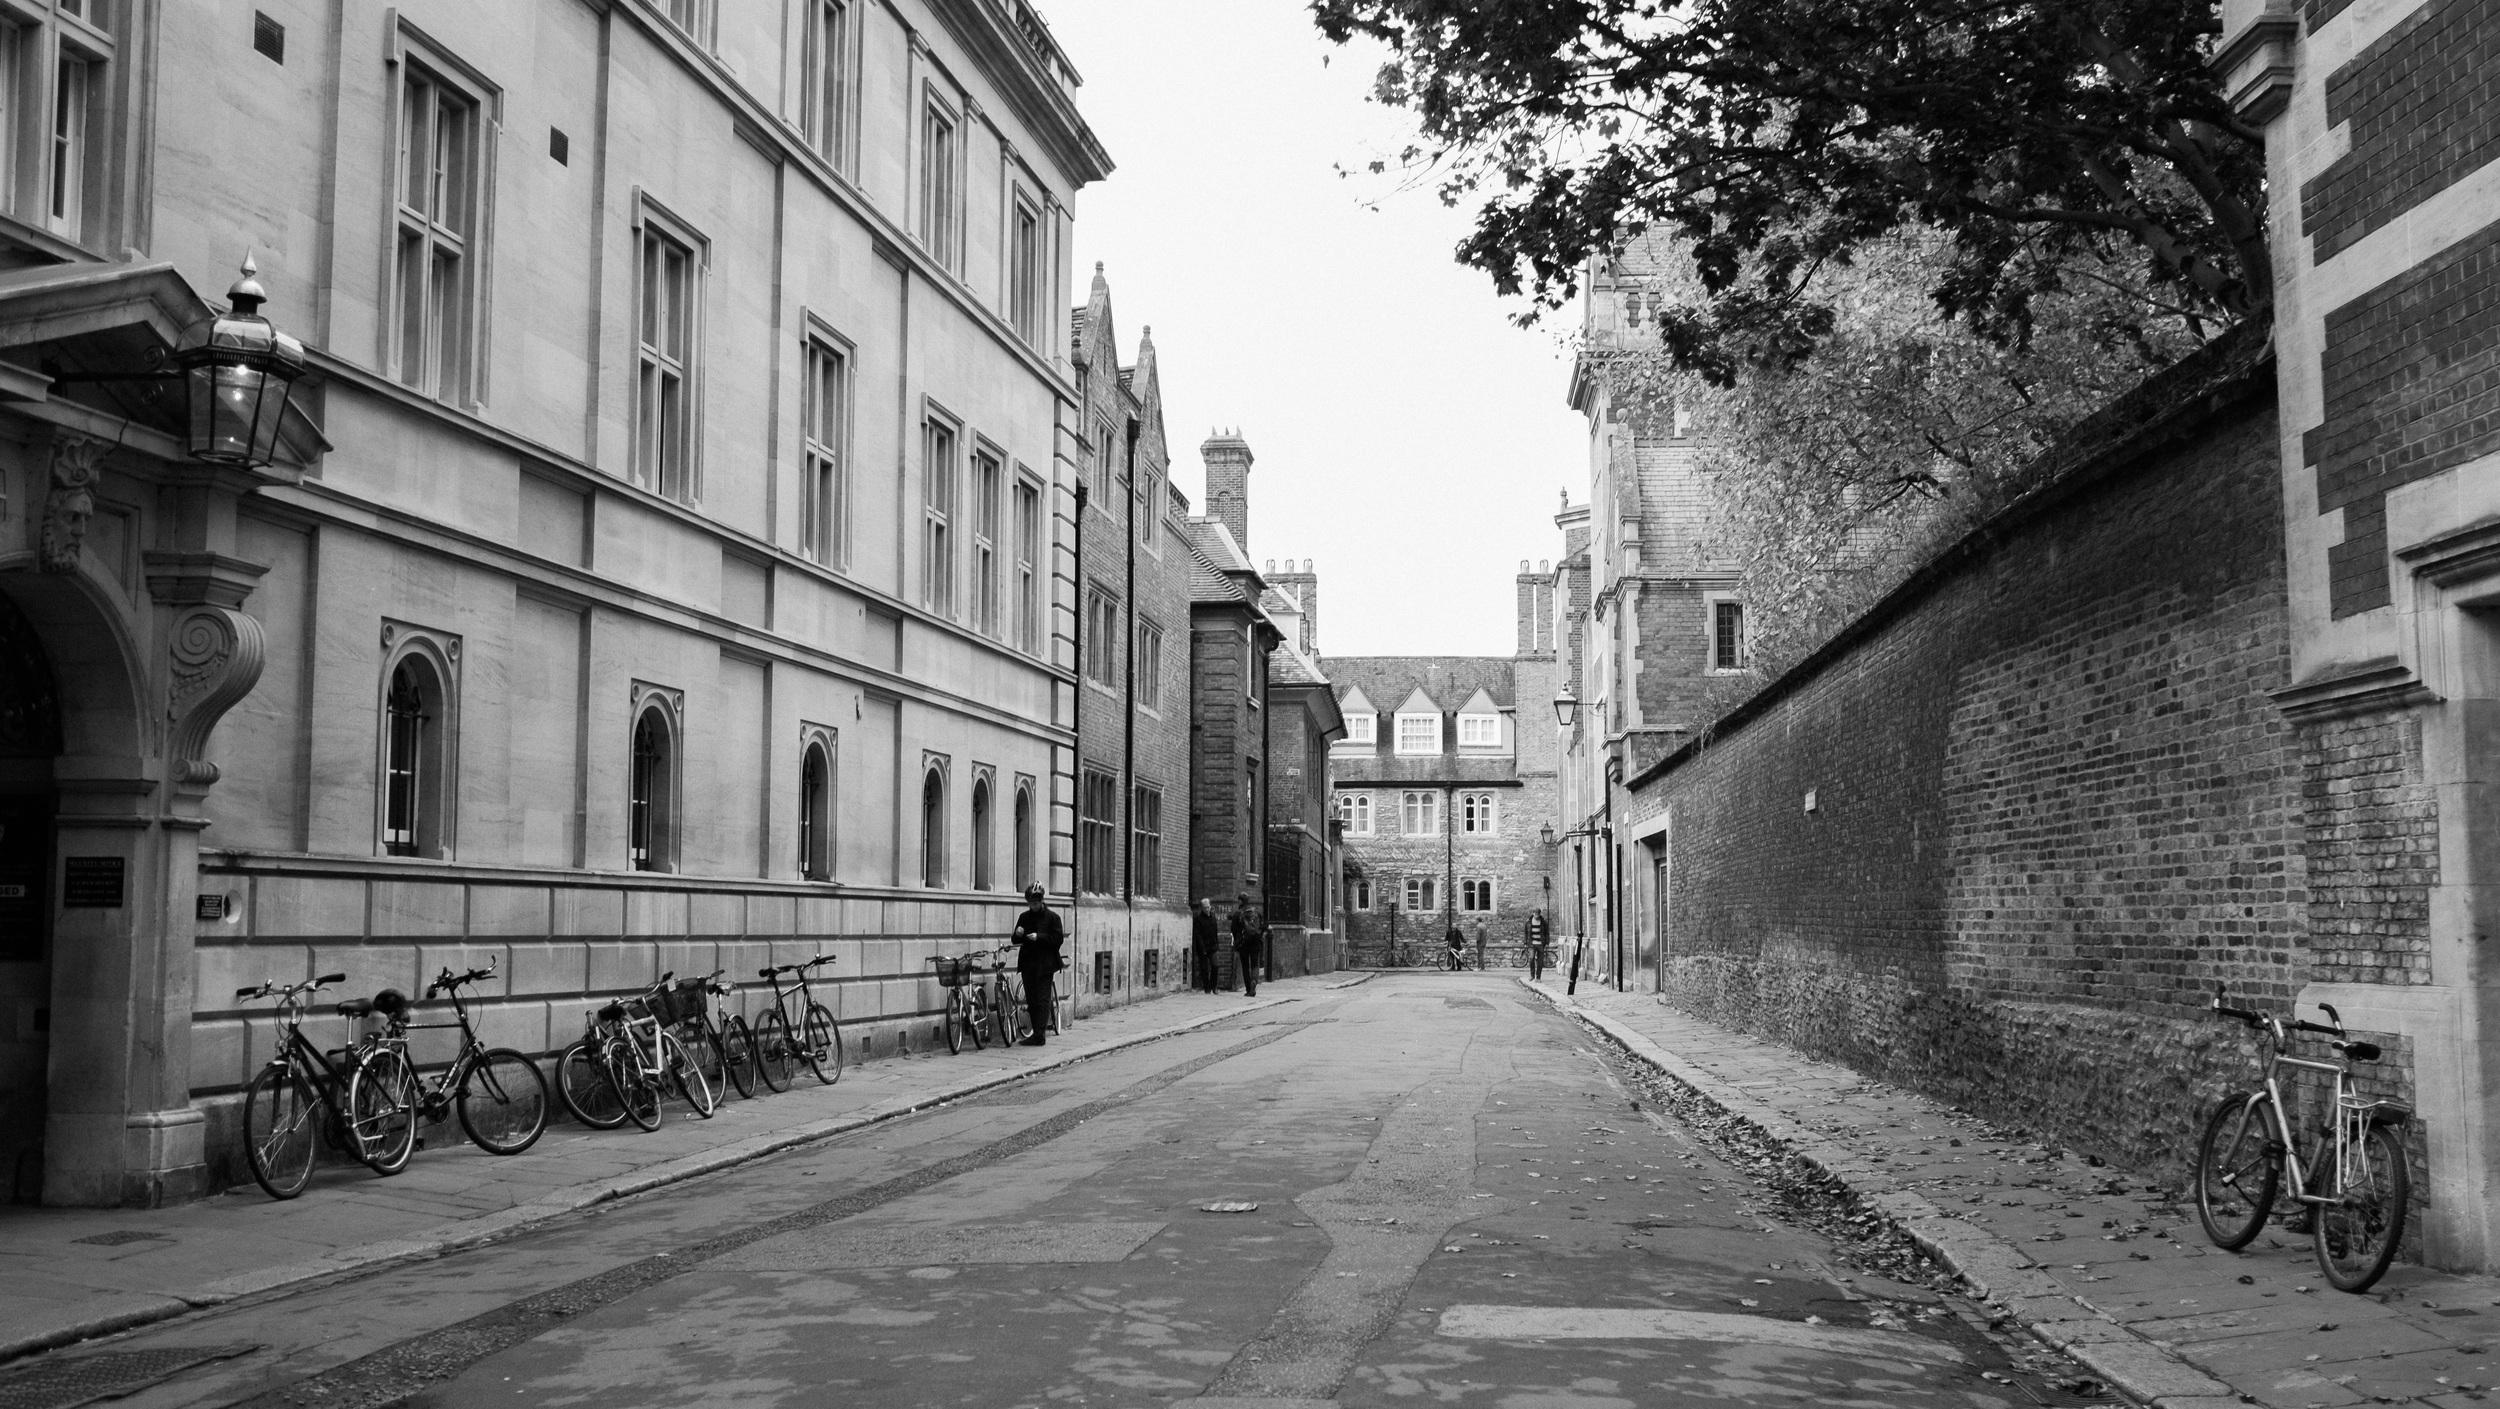 london-britian-cambridge-stmalo-mont-saint-michel-france-normandy-paris-009.jpg